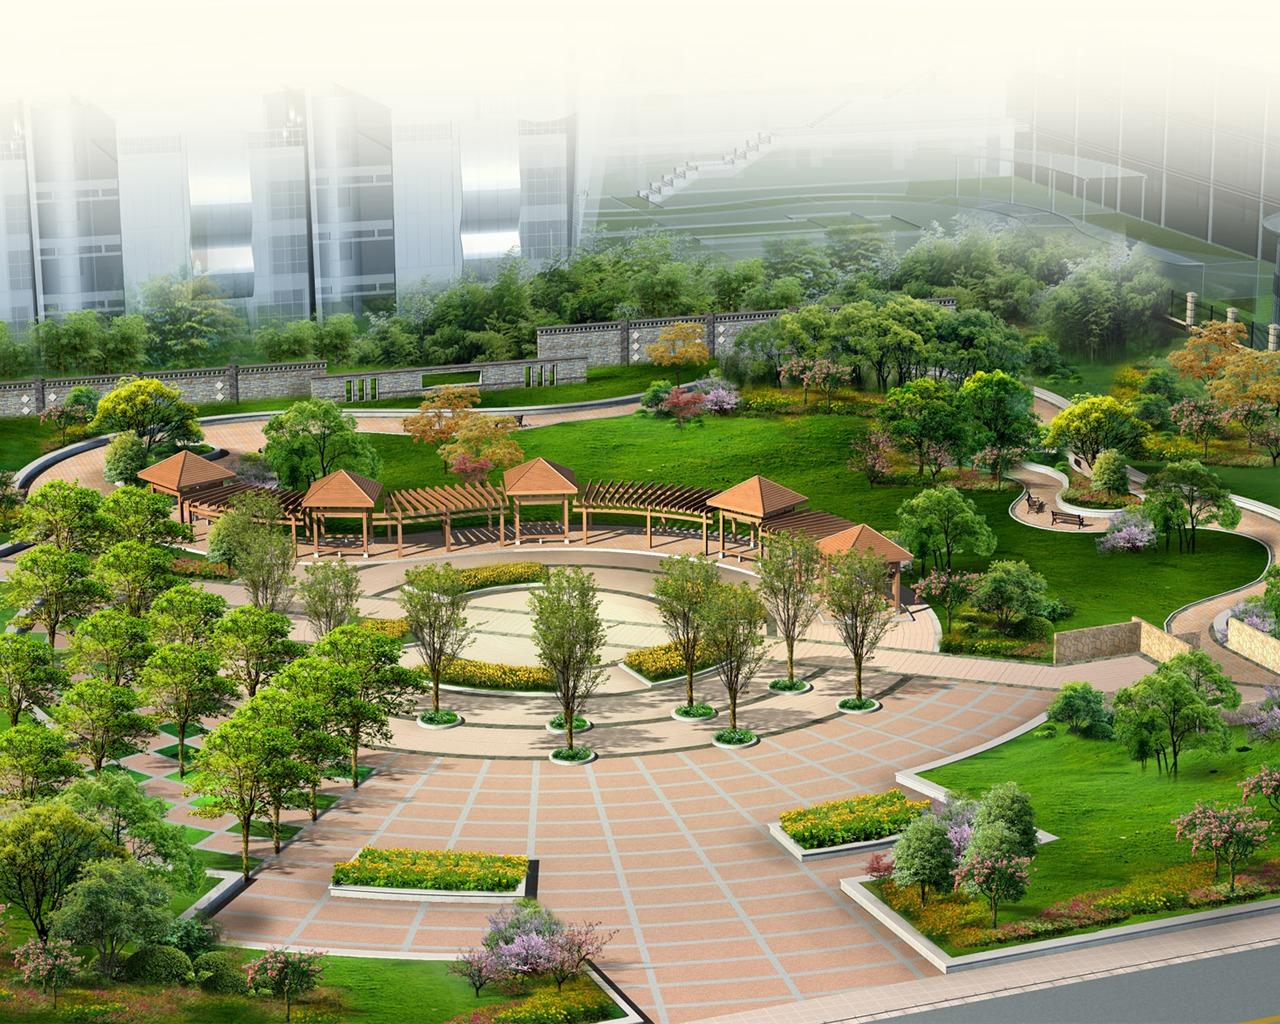 Efectos de la arquitectura y el jard n fondos de for Arquitectura del paisaje